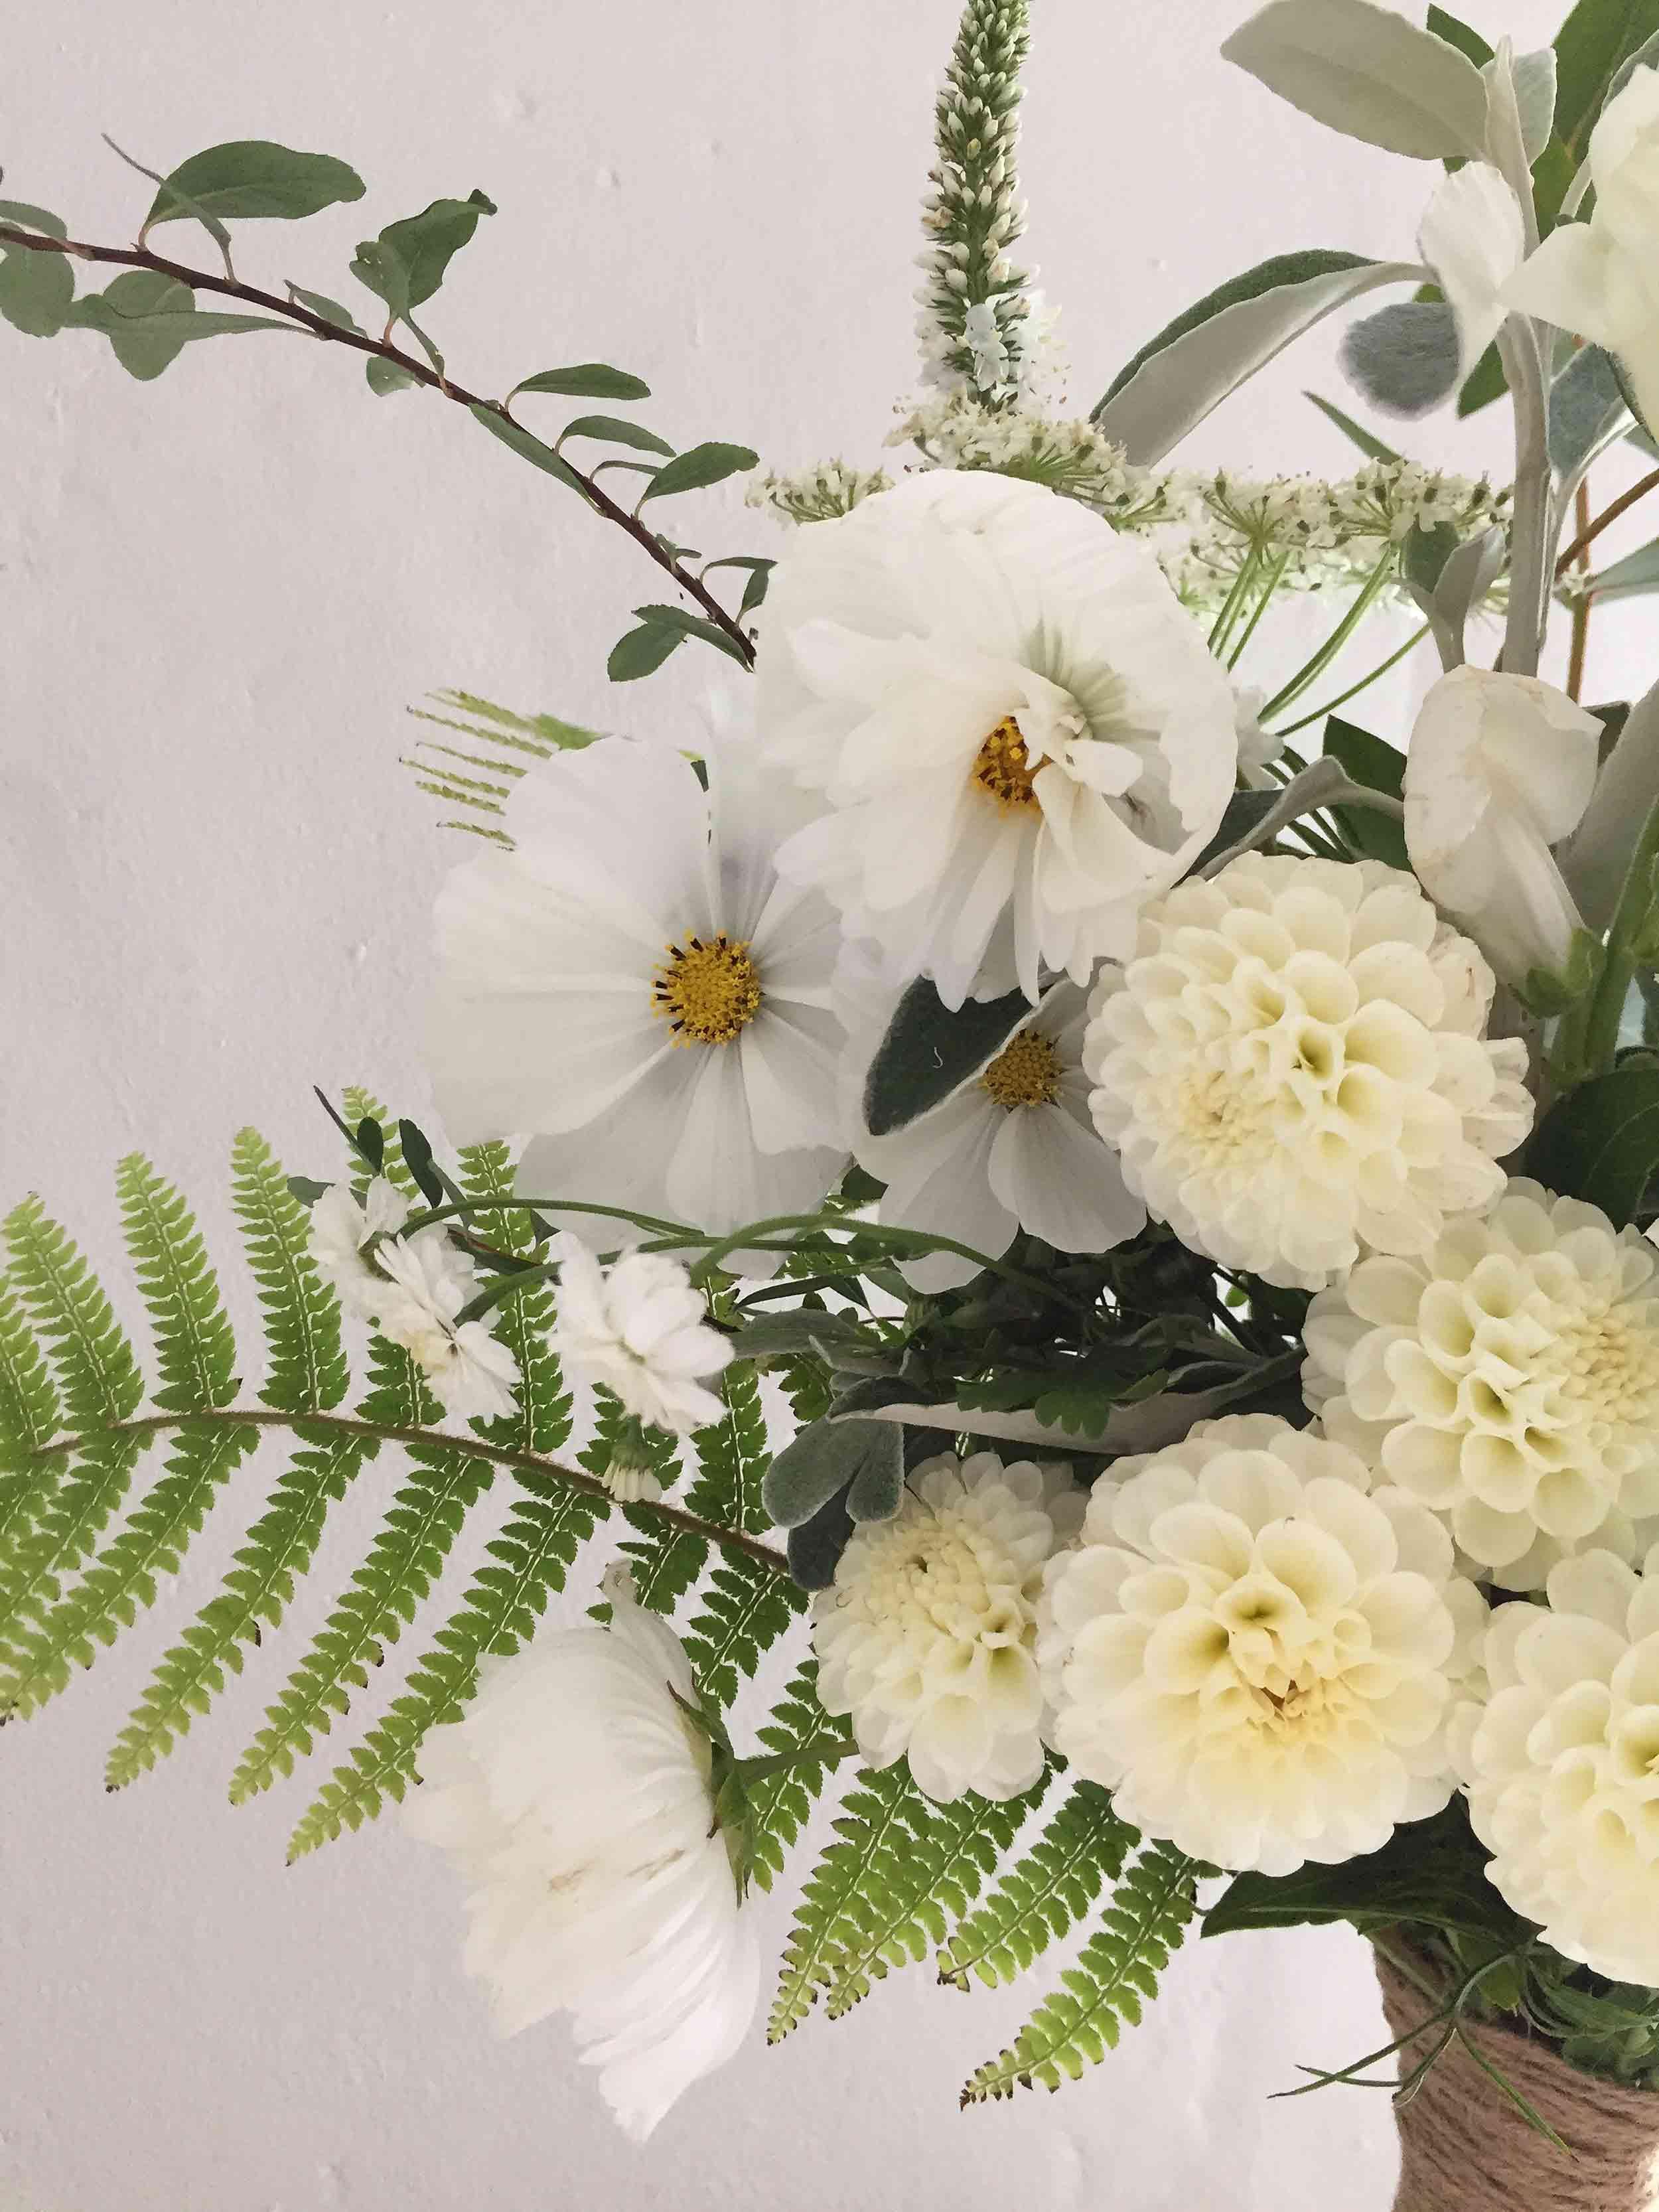 lunaria_wedding_flowers_somerset_UK_20.jpg